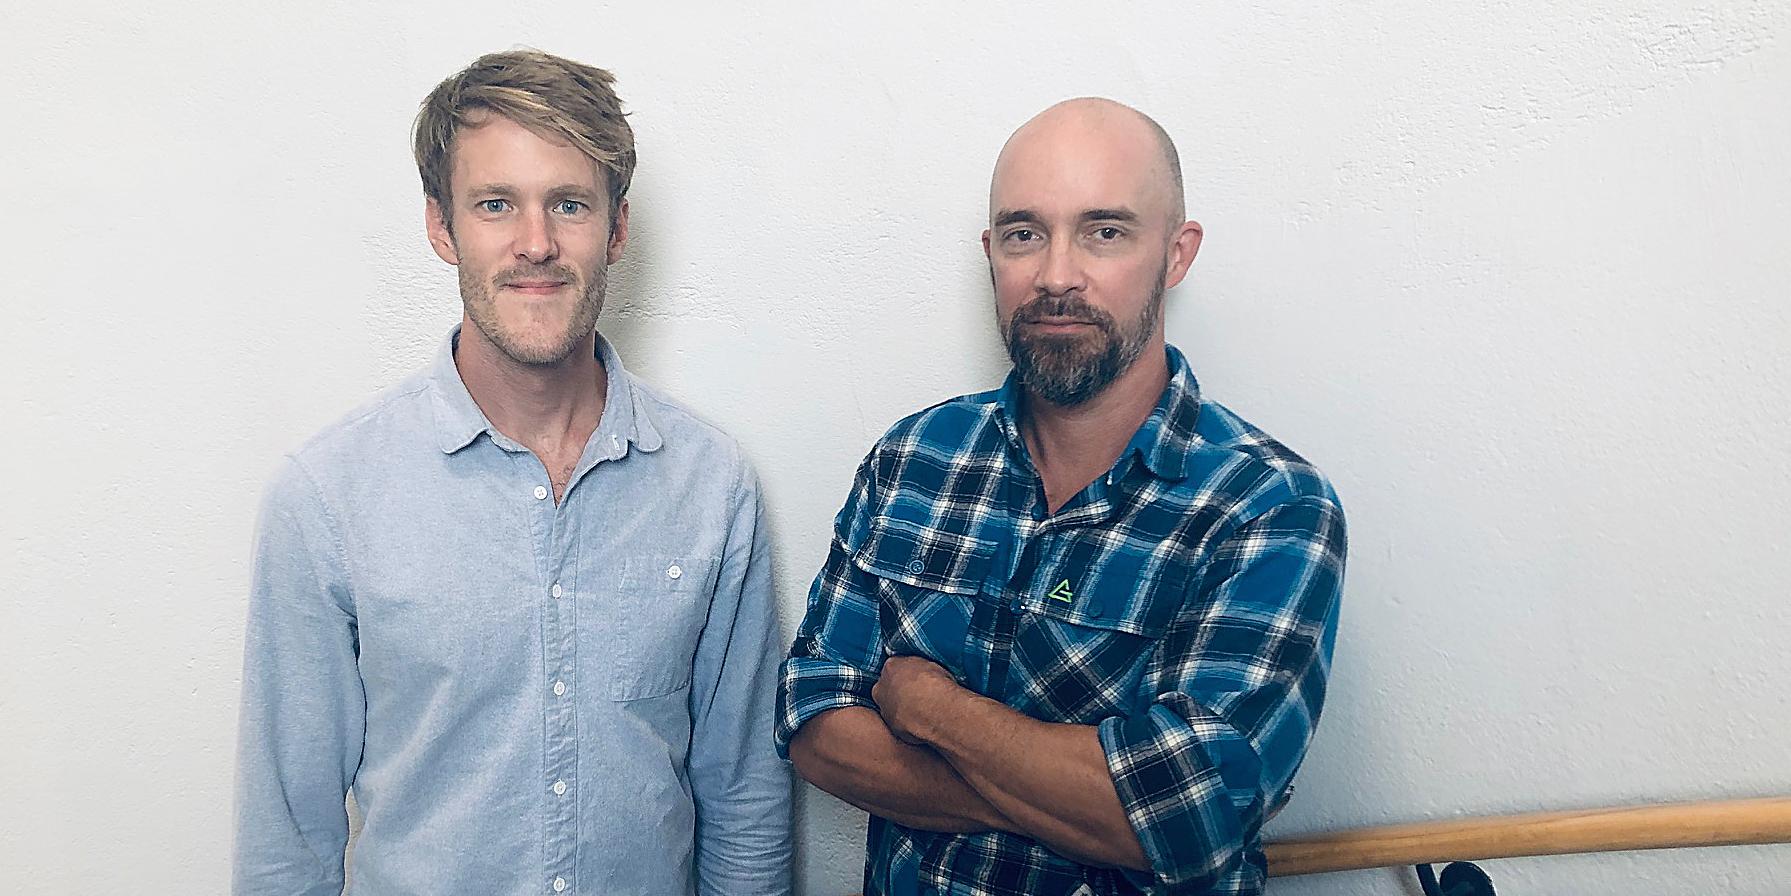 Porträtt på Daniel Wallroth, ST-läkare och Ragnar Edman Kessler, rättsläkare, båda arbetar på den rättsmedicinska enheten i Stockholm.